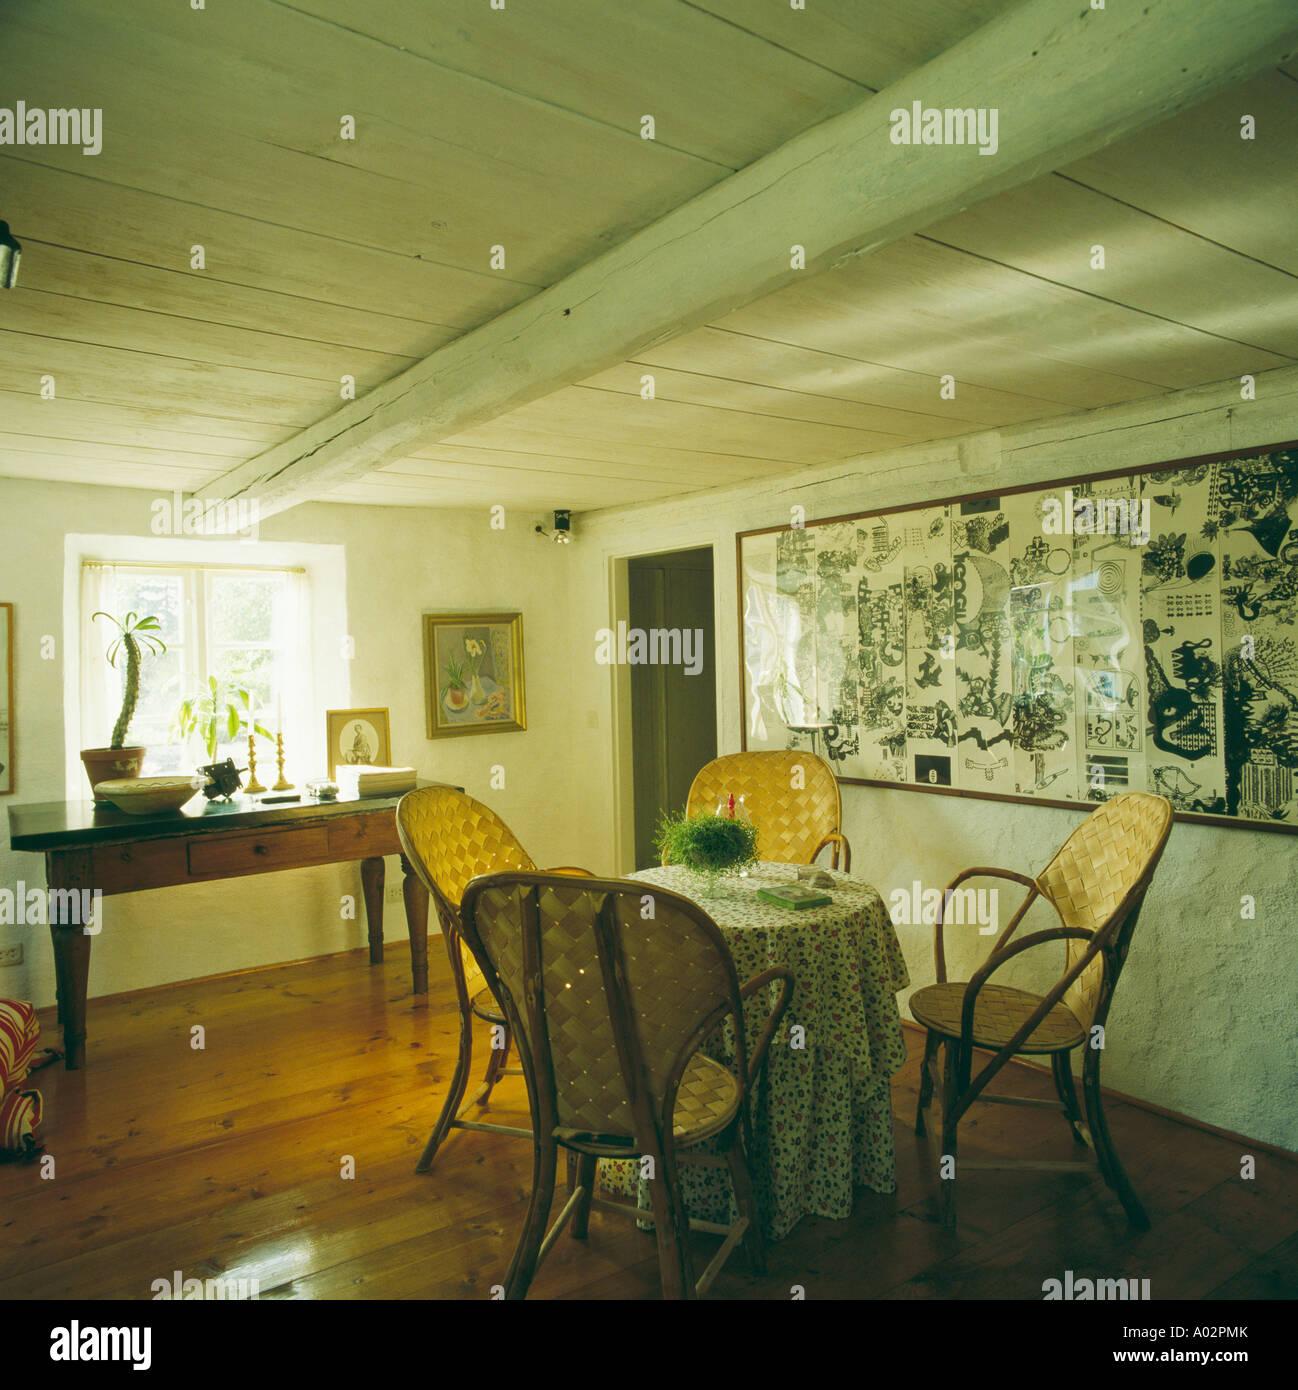 Schwedische Land Esszimmer Mit Tisch Und Weide Stühle Auf Polierten  Holzboden Und Bild An Wand